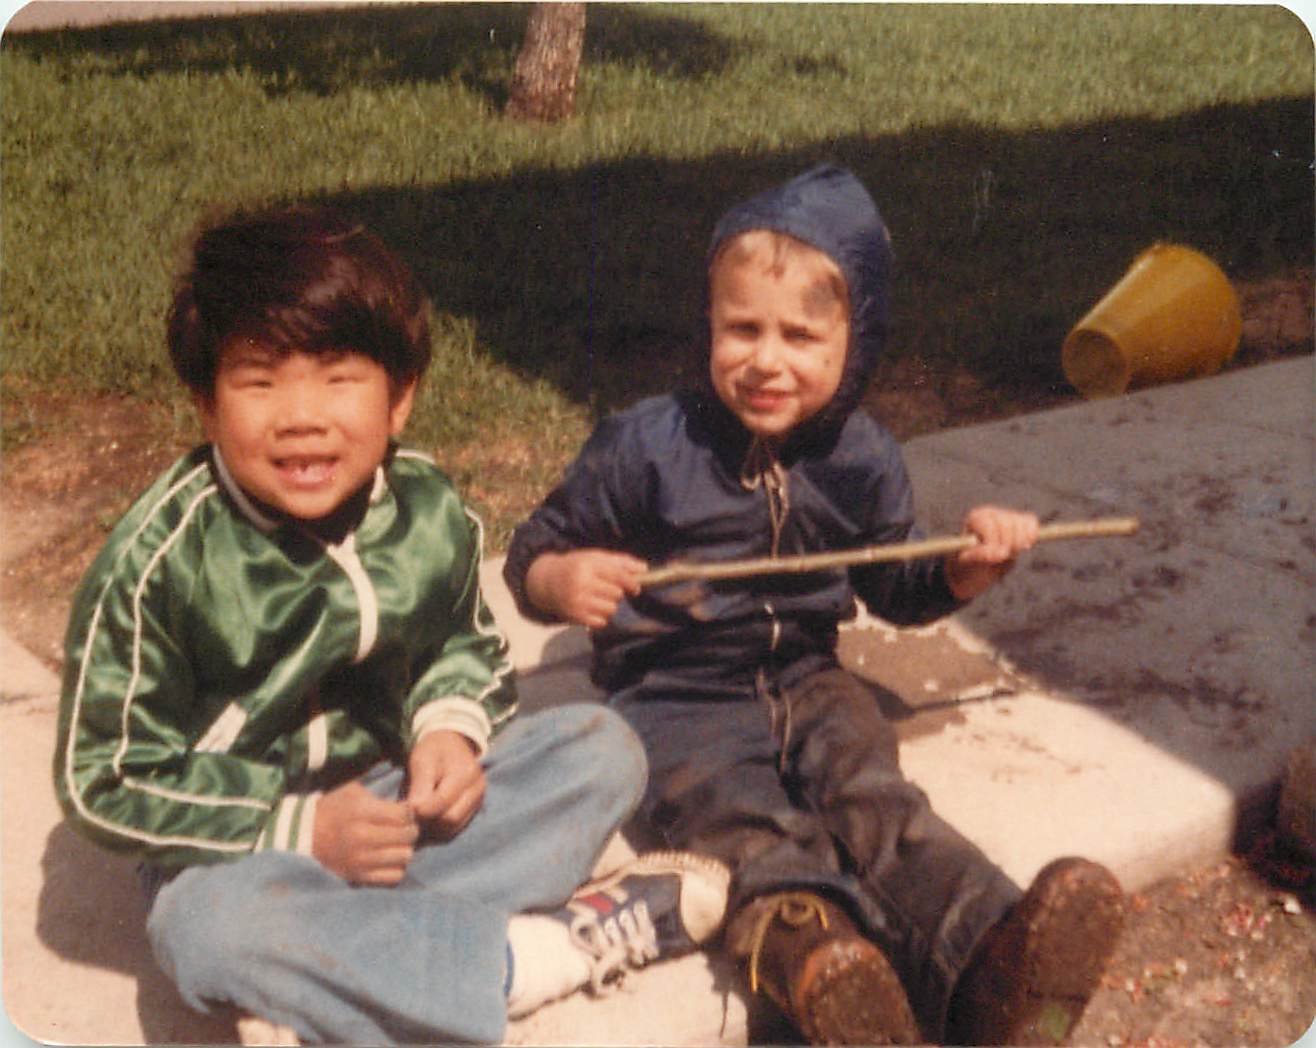 Kids being kids in the mud.jpg